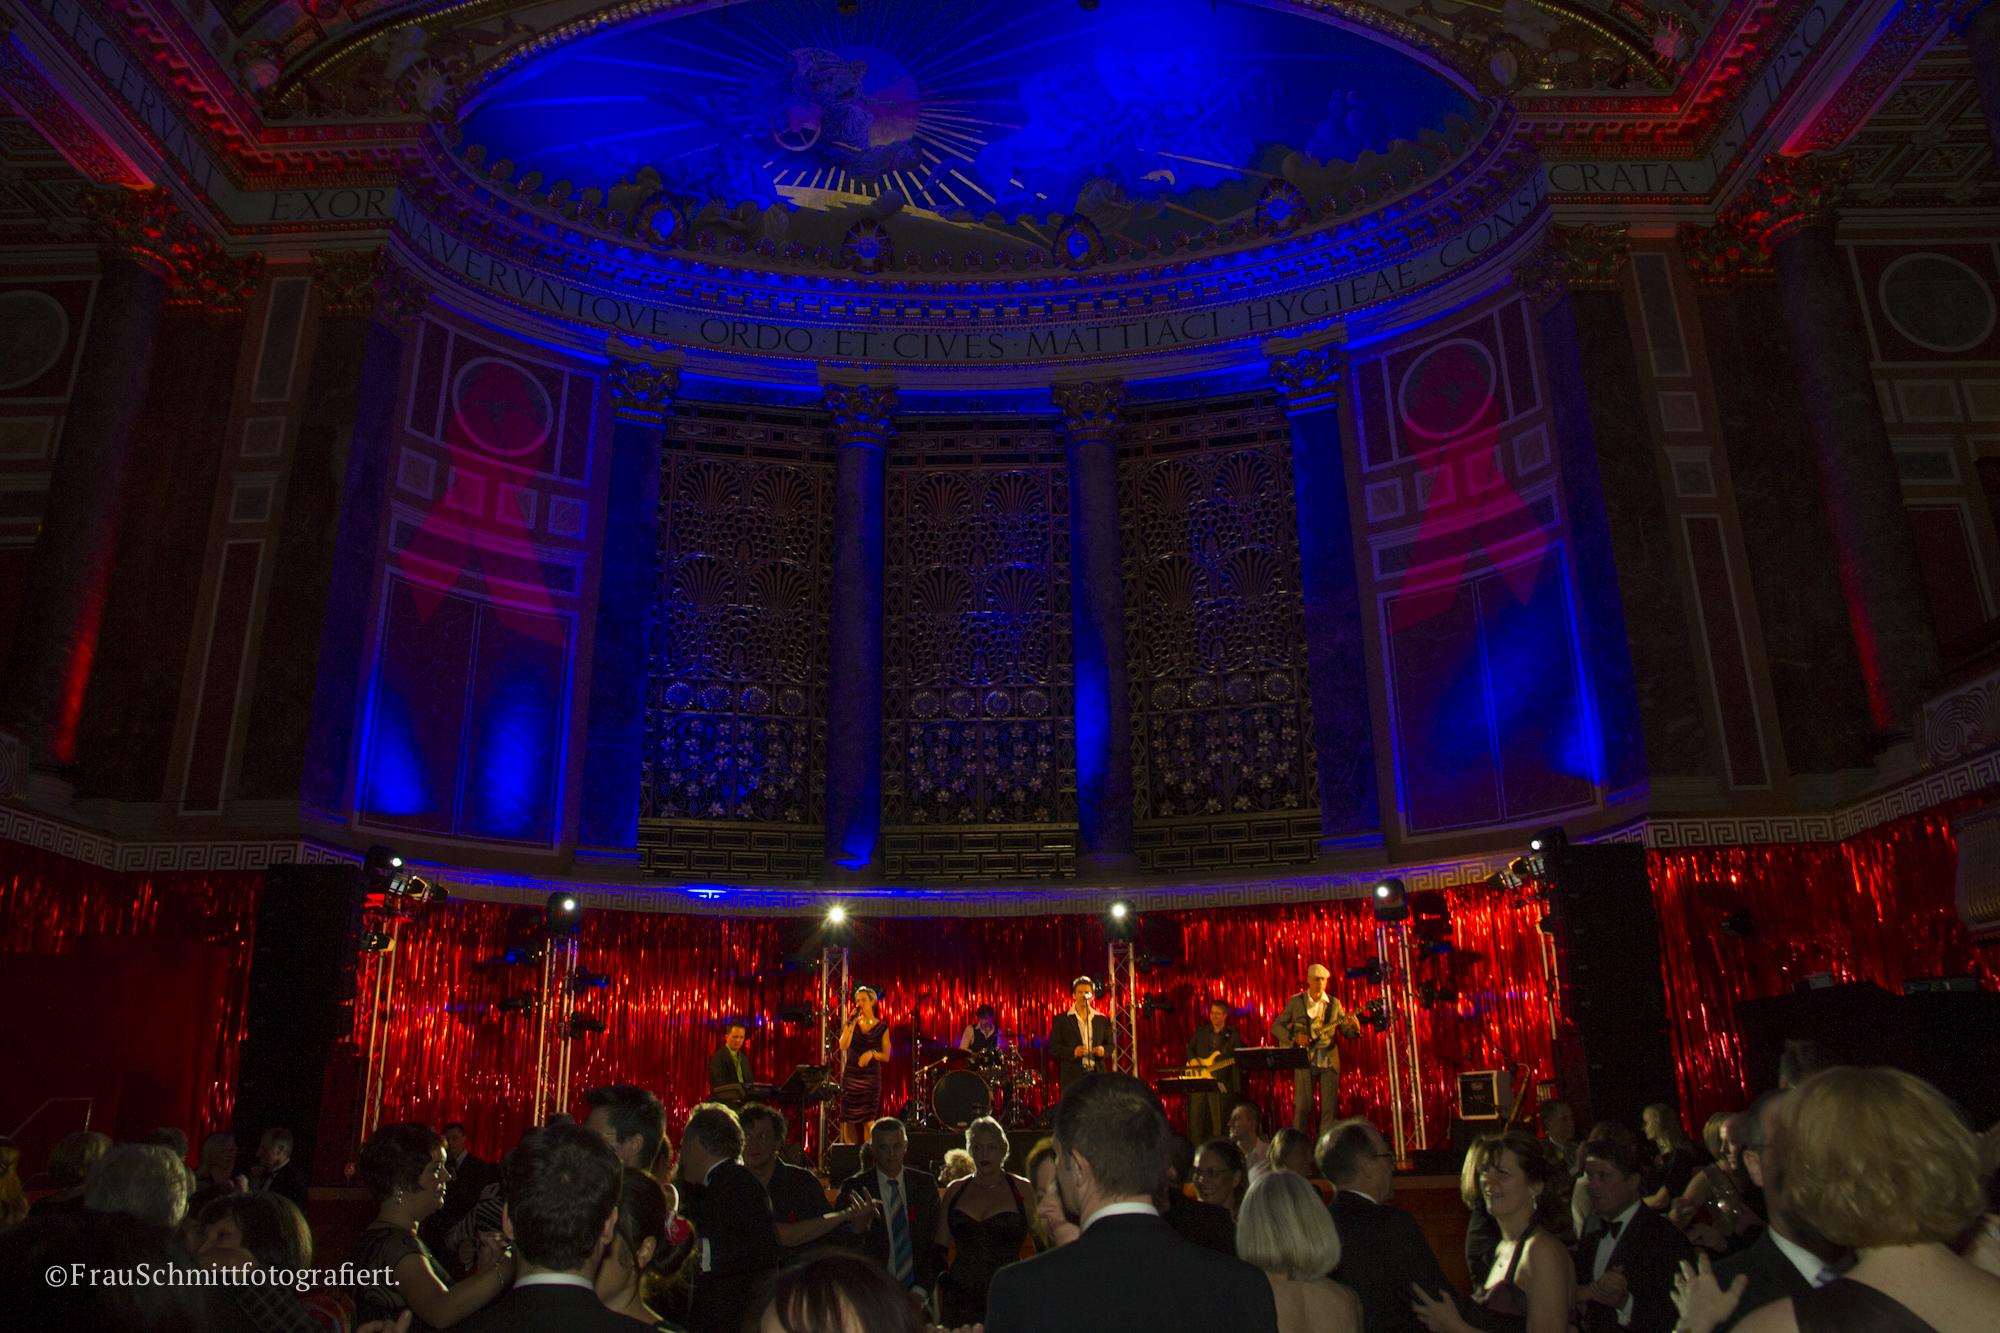 Partyband 'the flow' mit Sänger im Kurhaus Wiesbaden, Ball der Aidshilfe